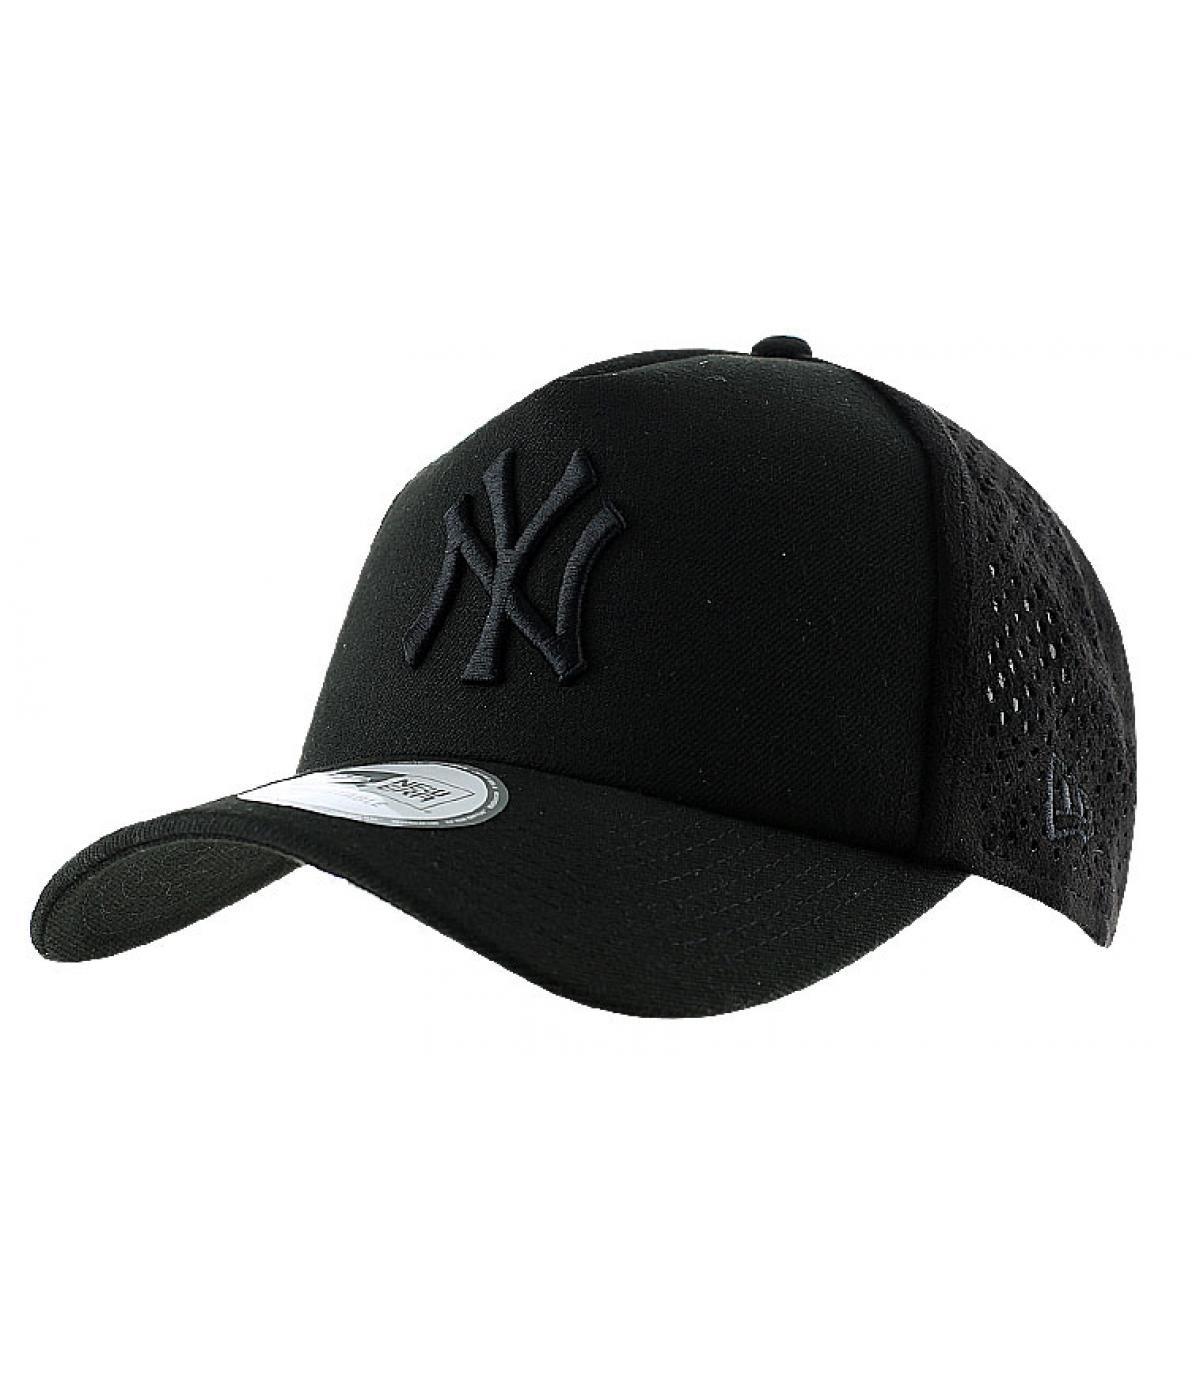 New era zwart mesh cap